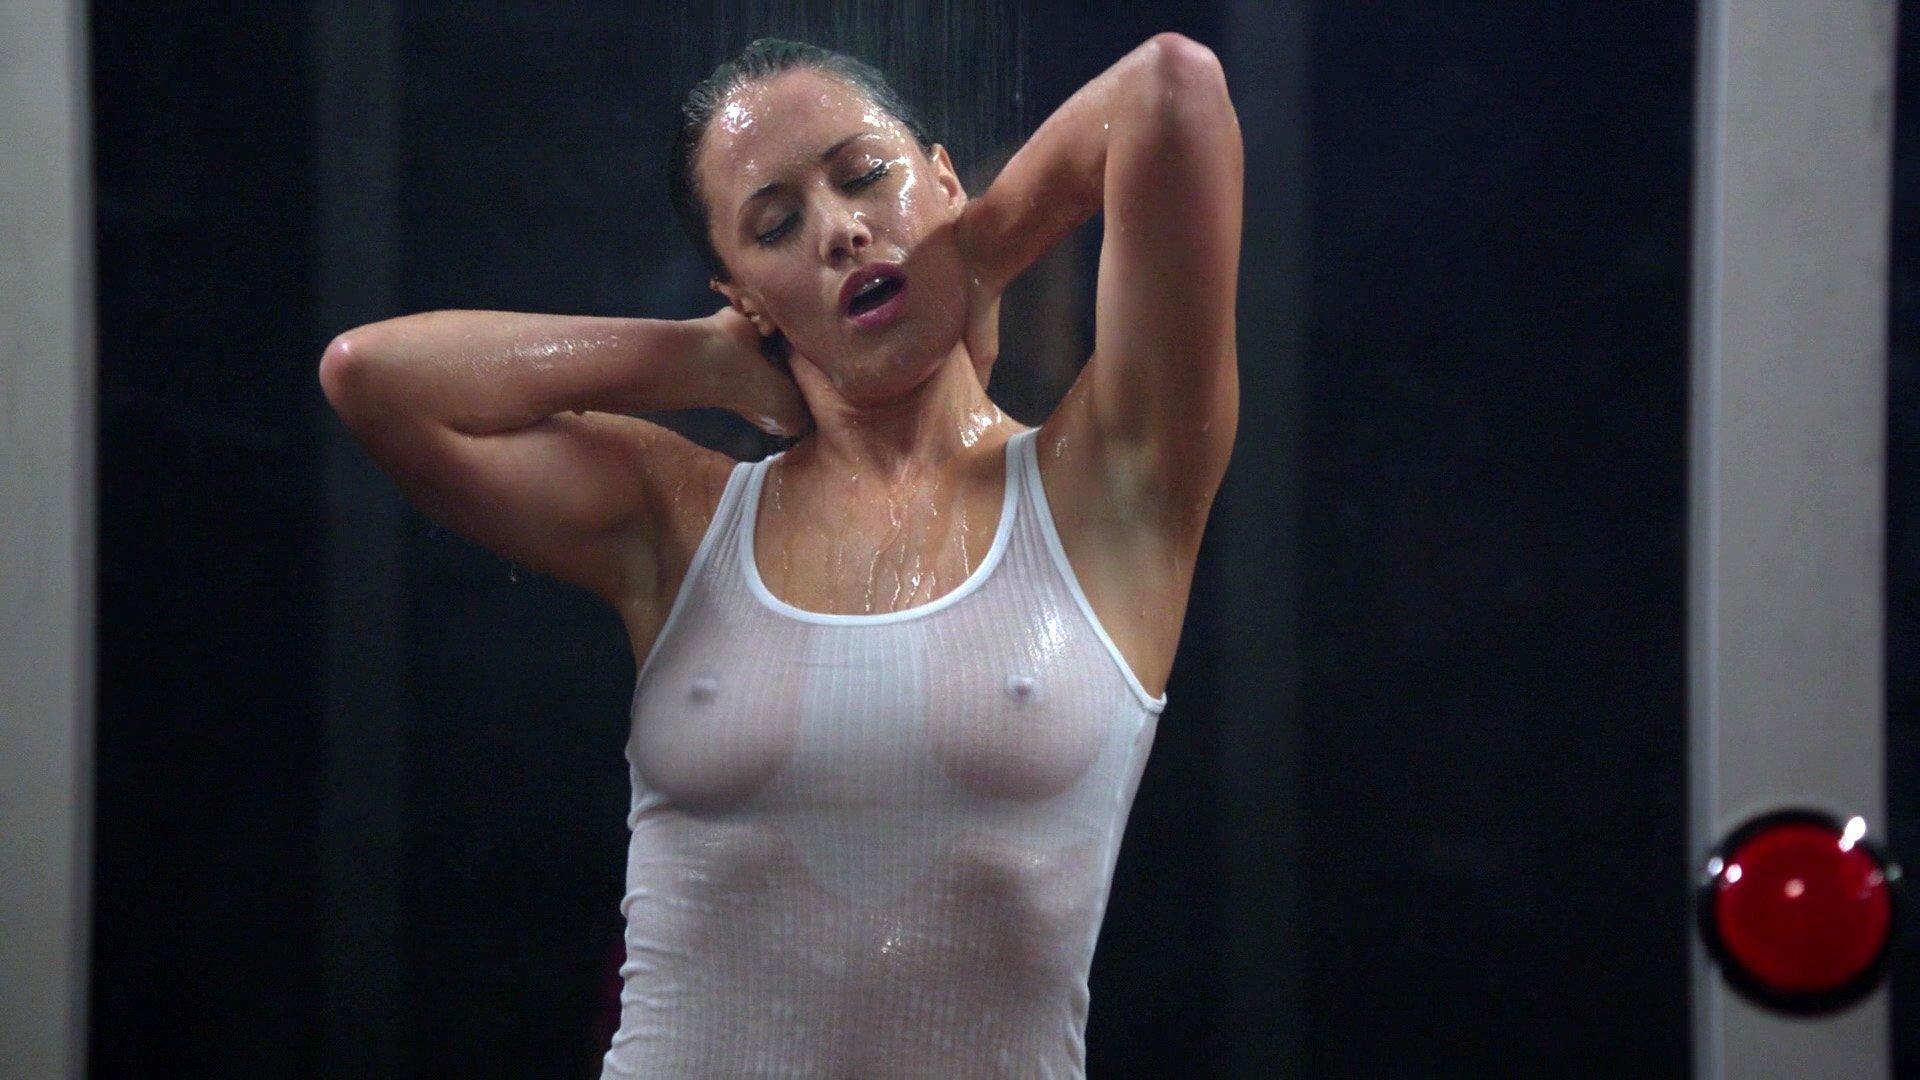 Sarah Armstrong nude - Episodes s05e01 (2017)